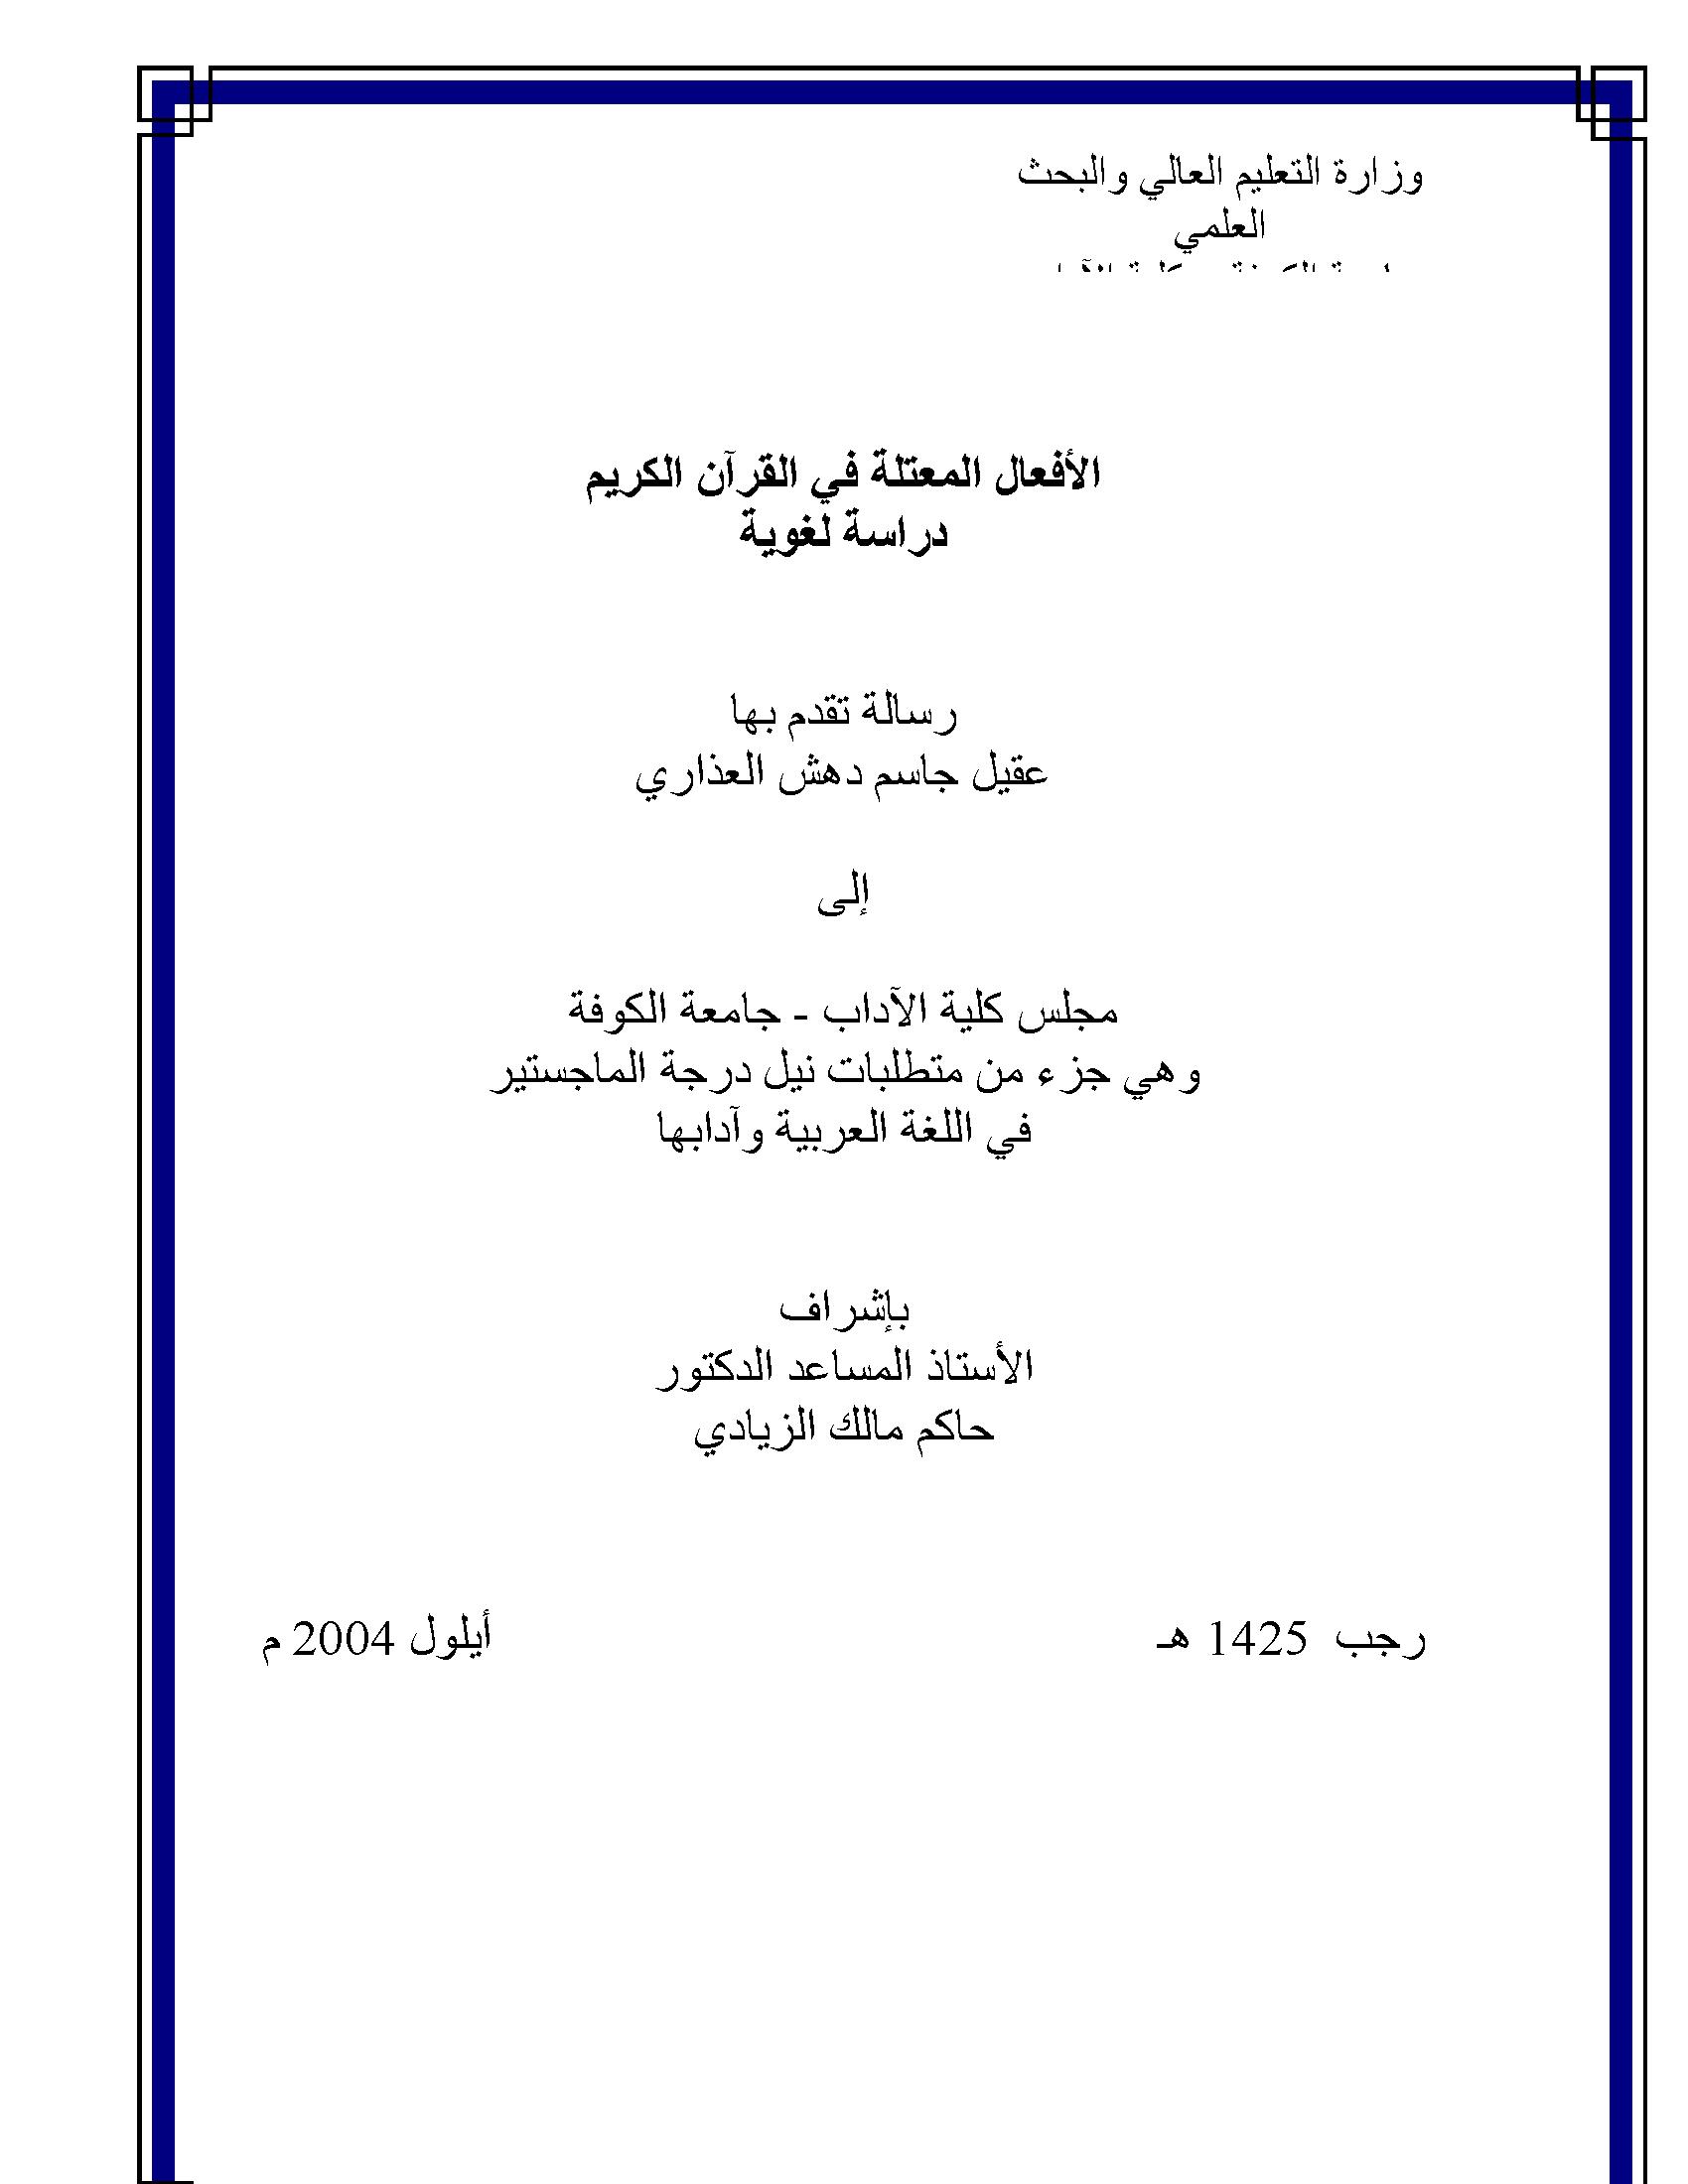 تحميل كتاب الأفعال المعتلة في القرآن الكريم (دراسة لغوية) لـِ: عقيل جاسم دهش العذاري